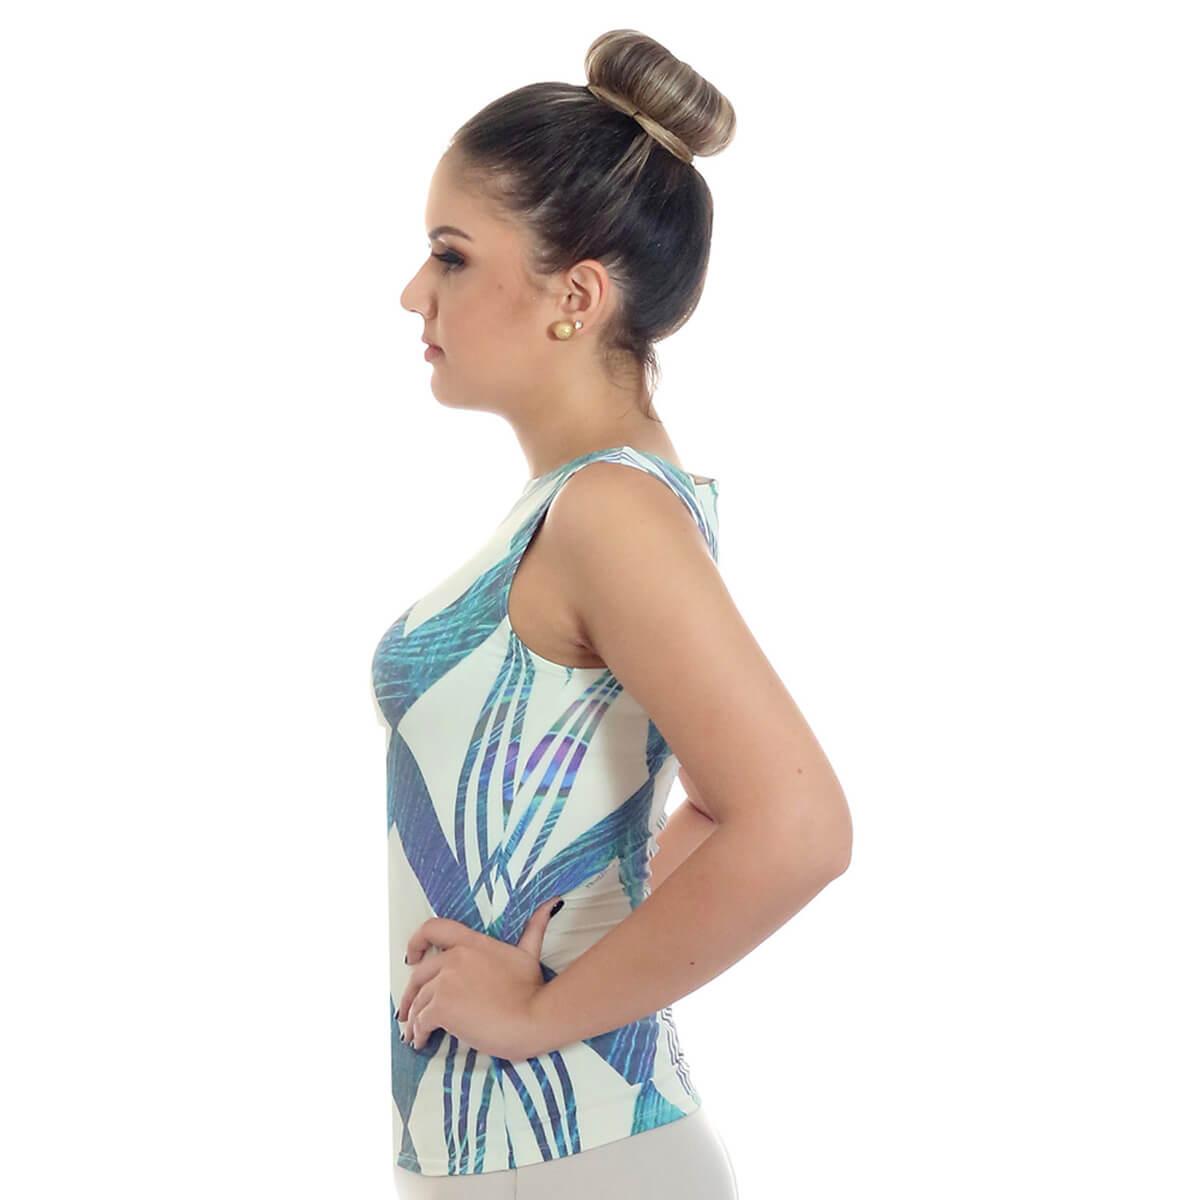 Regata Feminina Estampa Geométrica Exclusiva Azul com Penas de Pavão Decote Canoa